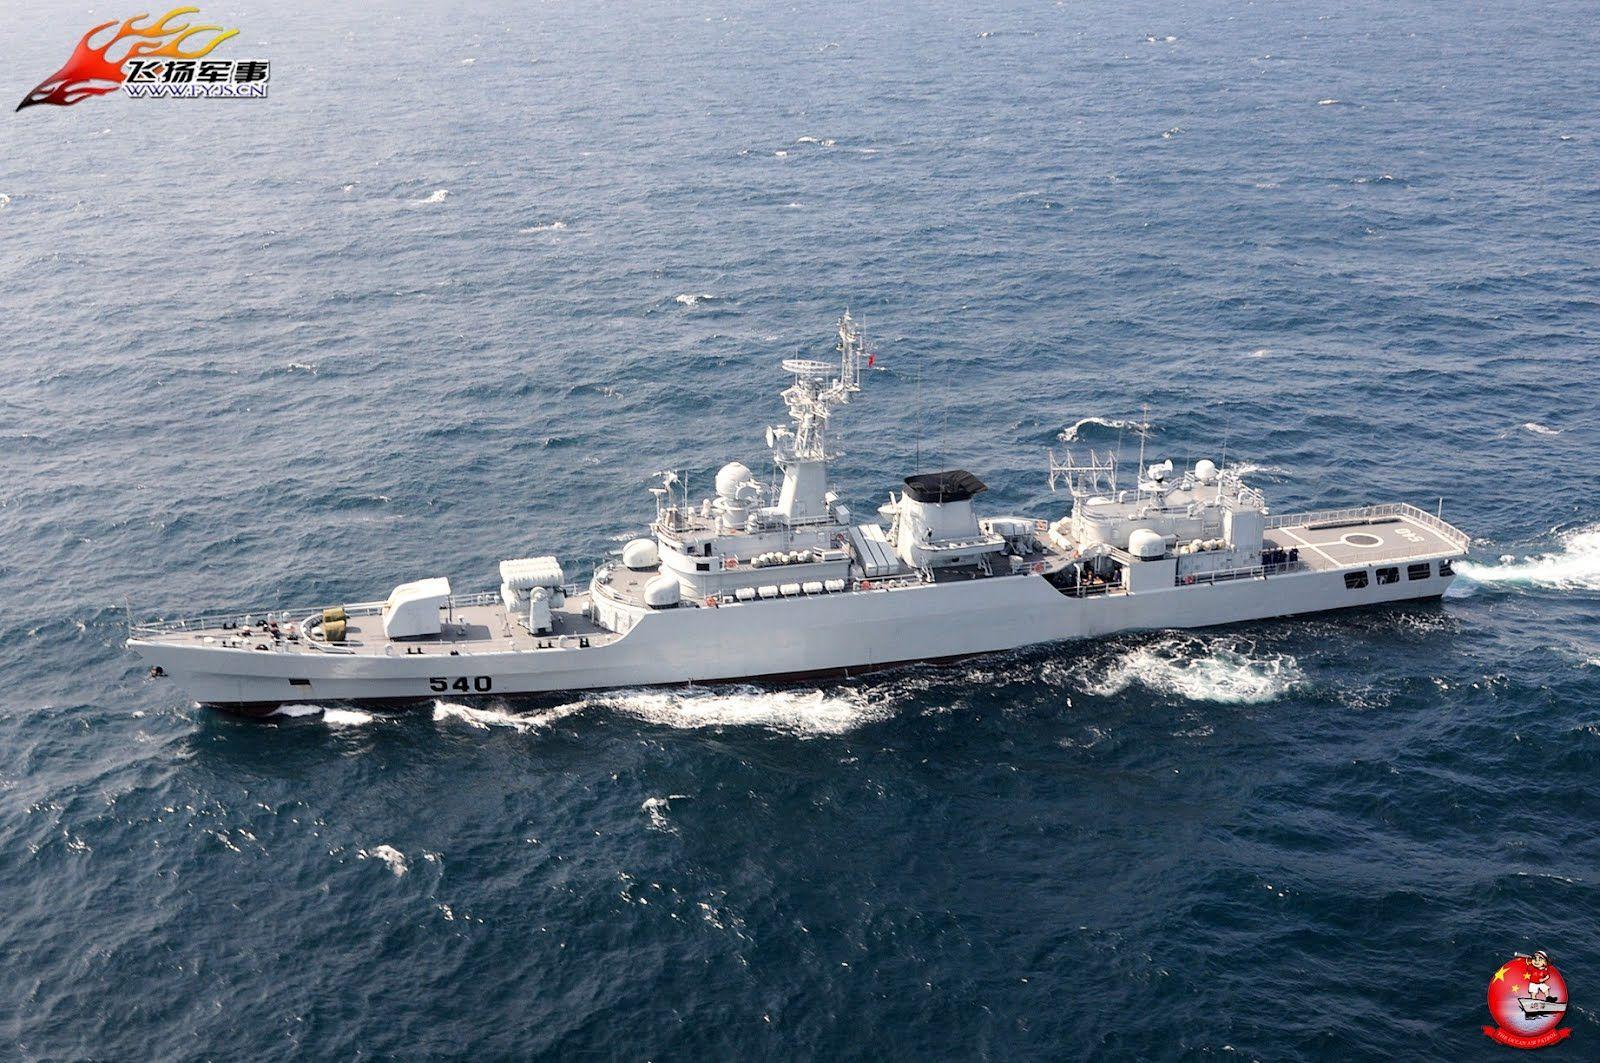 huainan 540 type 053h2g jiangwei i class frigate china